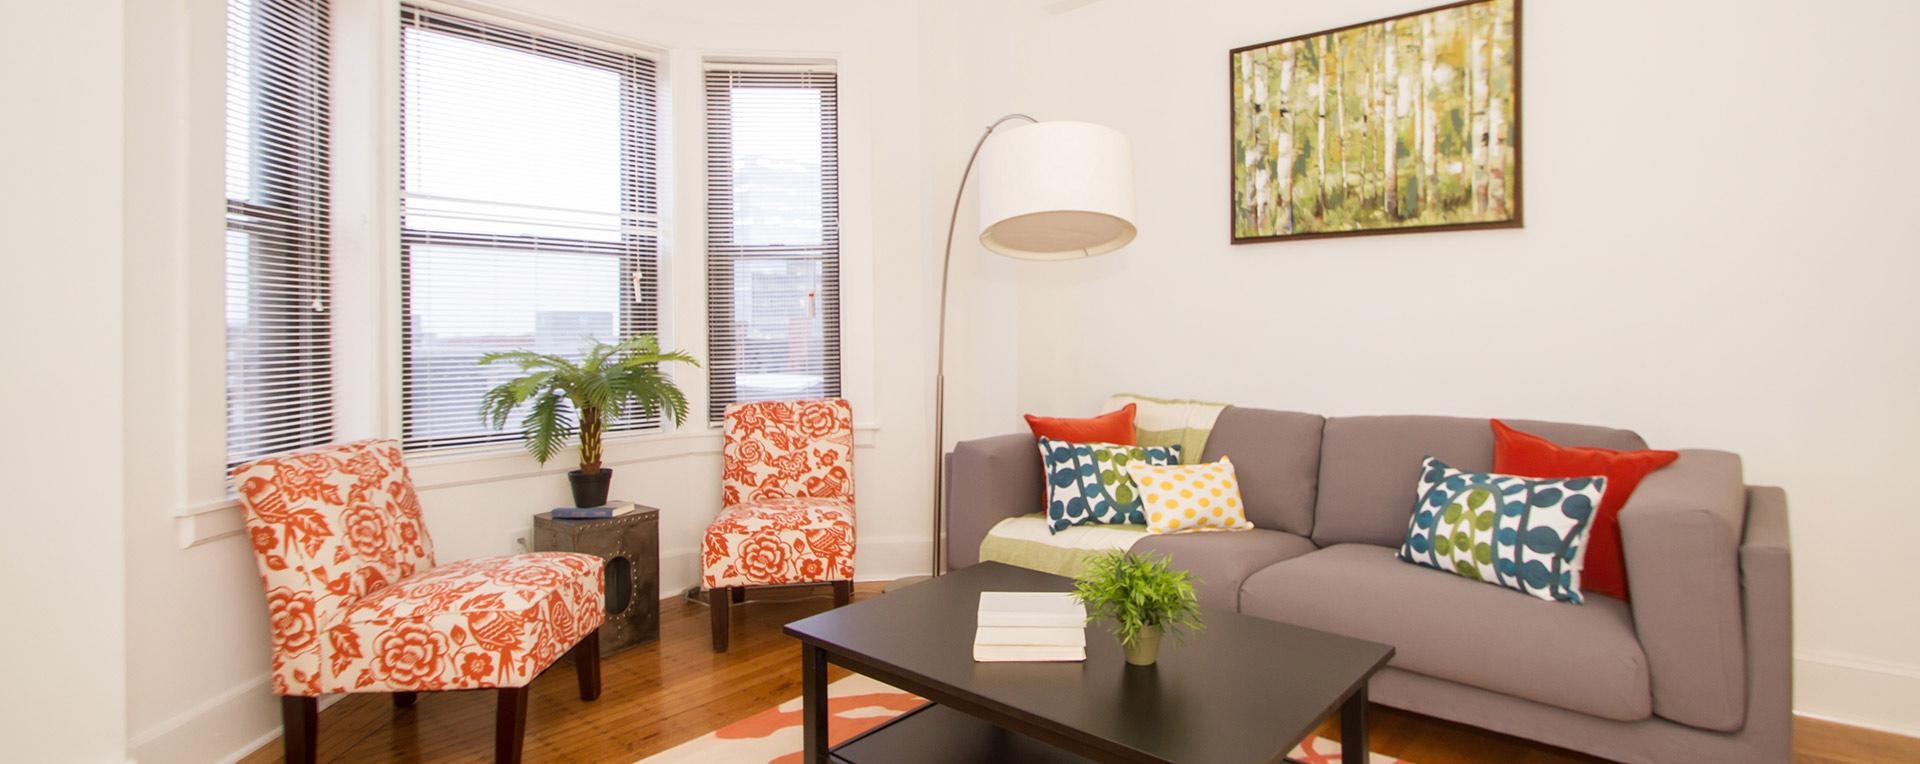 hamilton living room.jpg